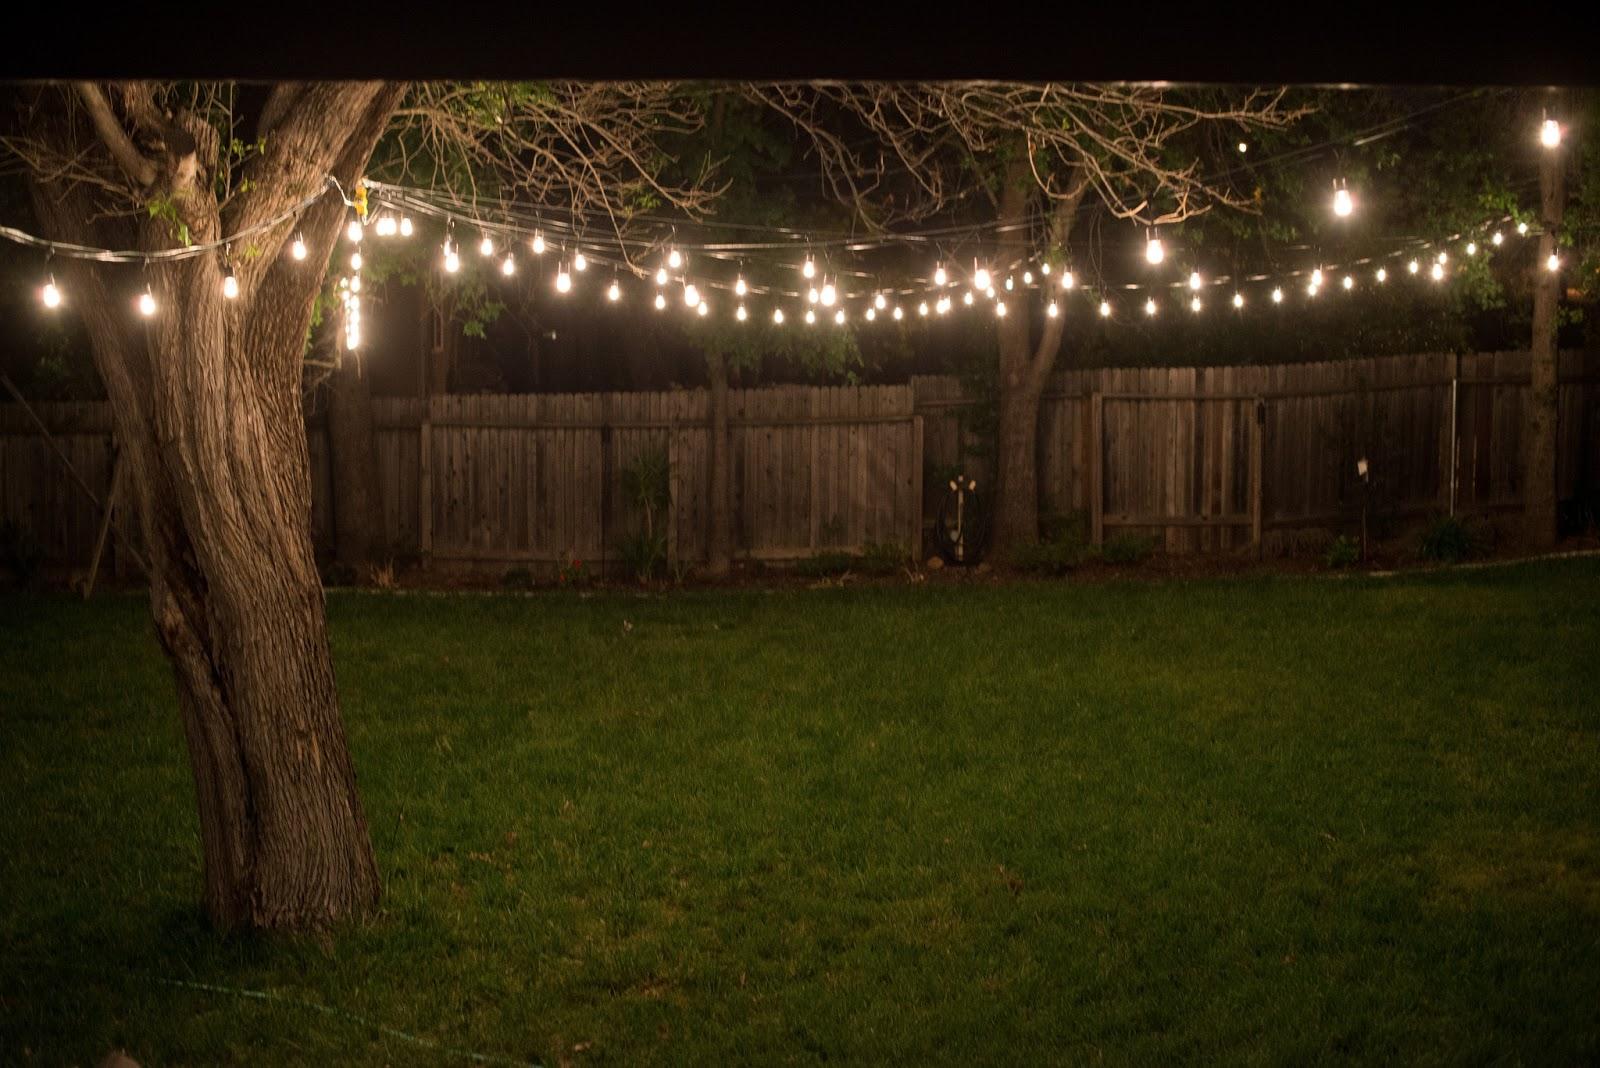 Industrial outdoor lights